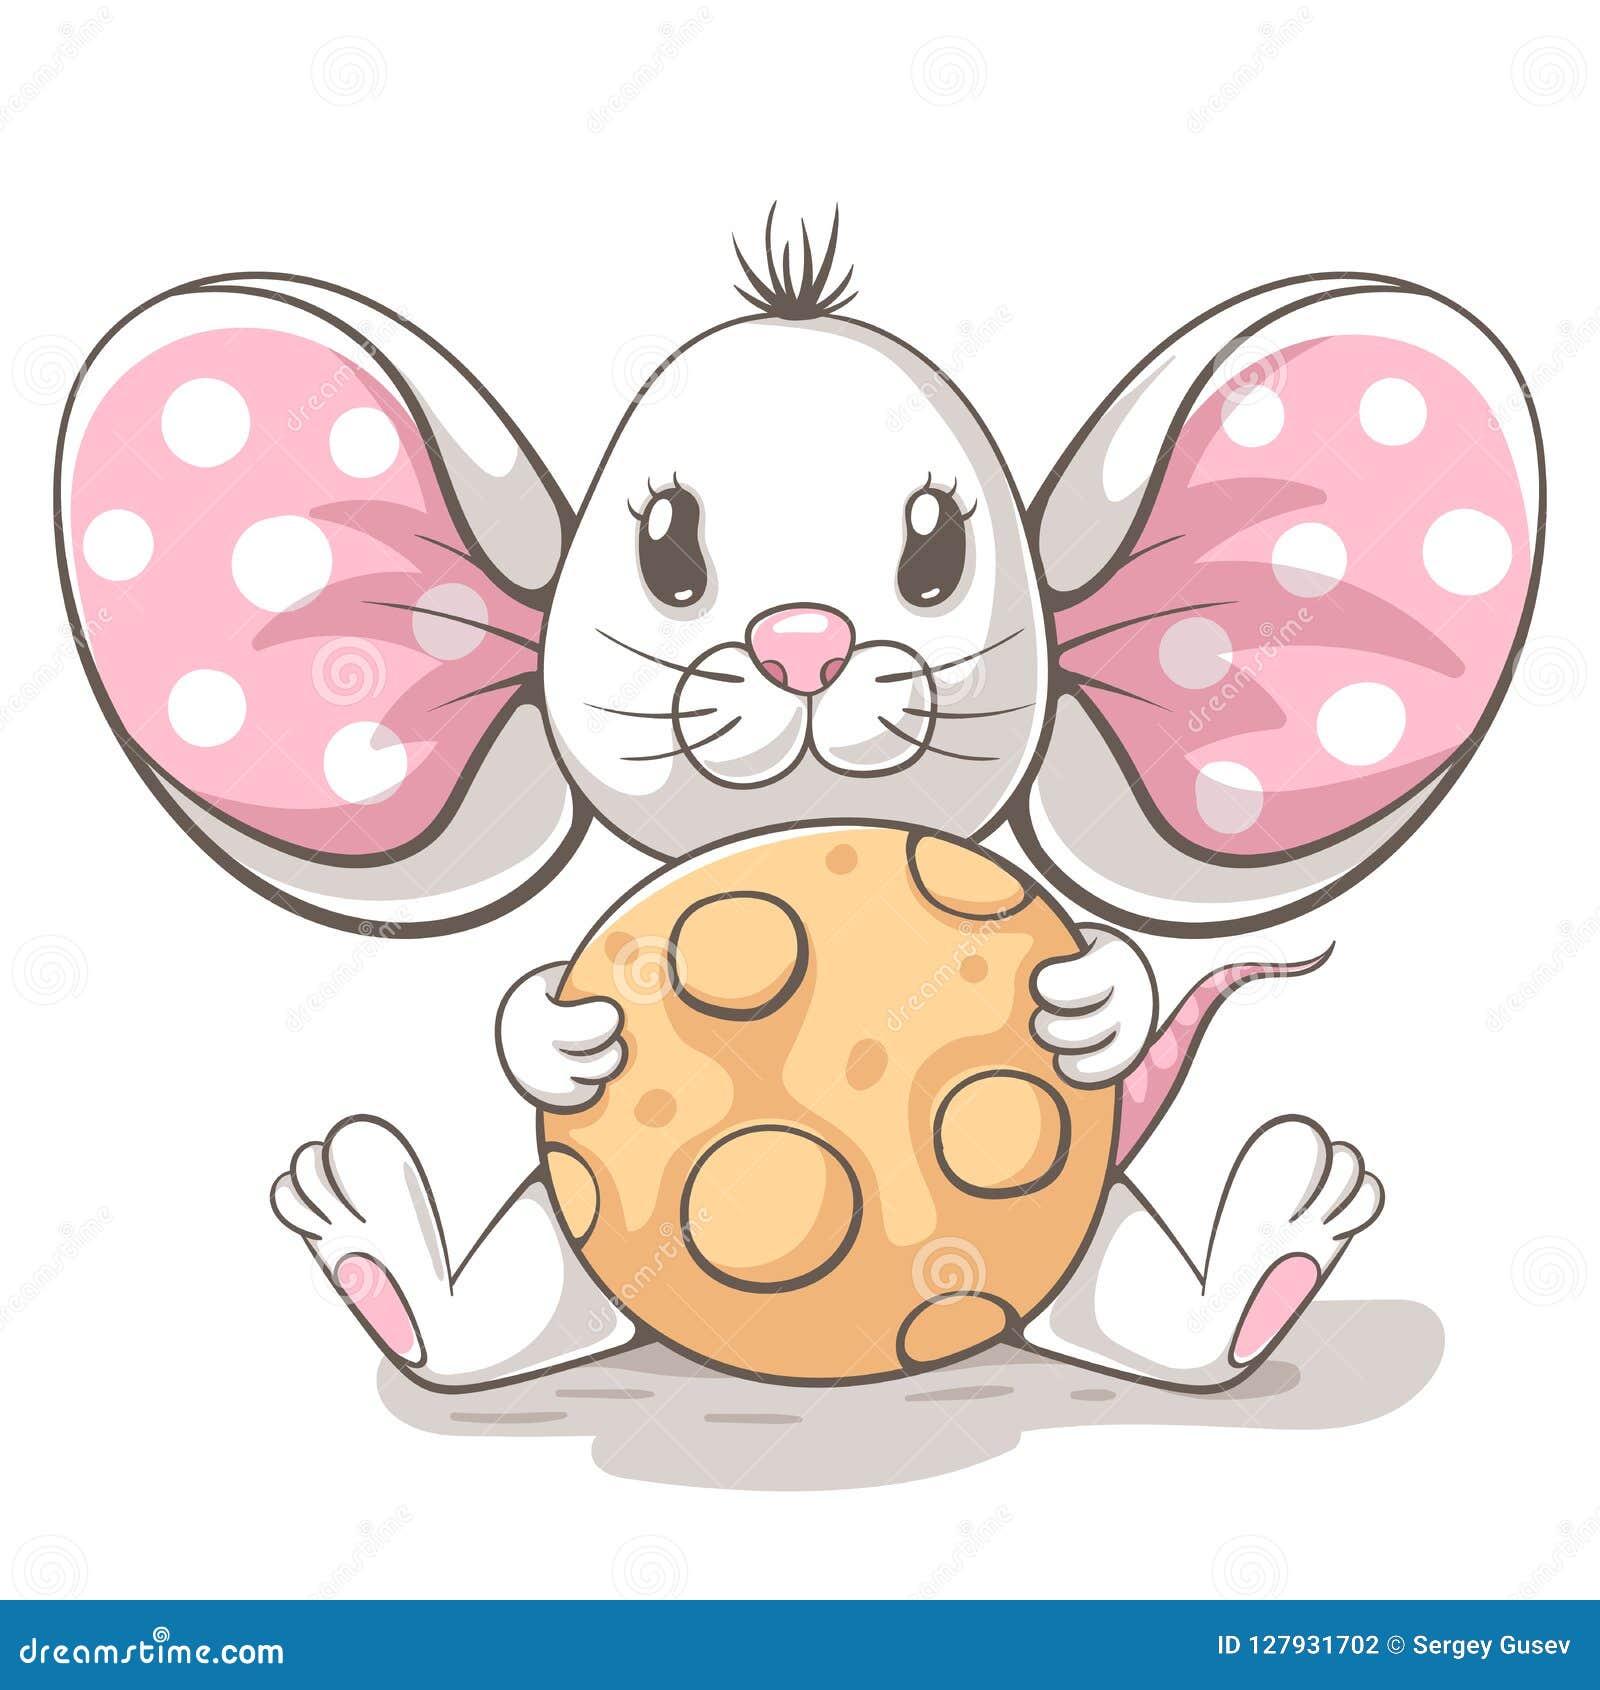 Personajes de dibujos animados lindos, divertidos, tedy del ratón Idea para la camiseta de la impresión